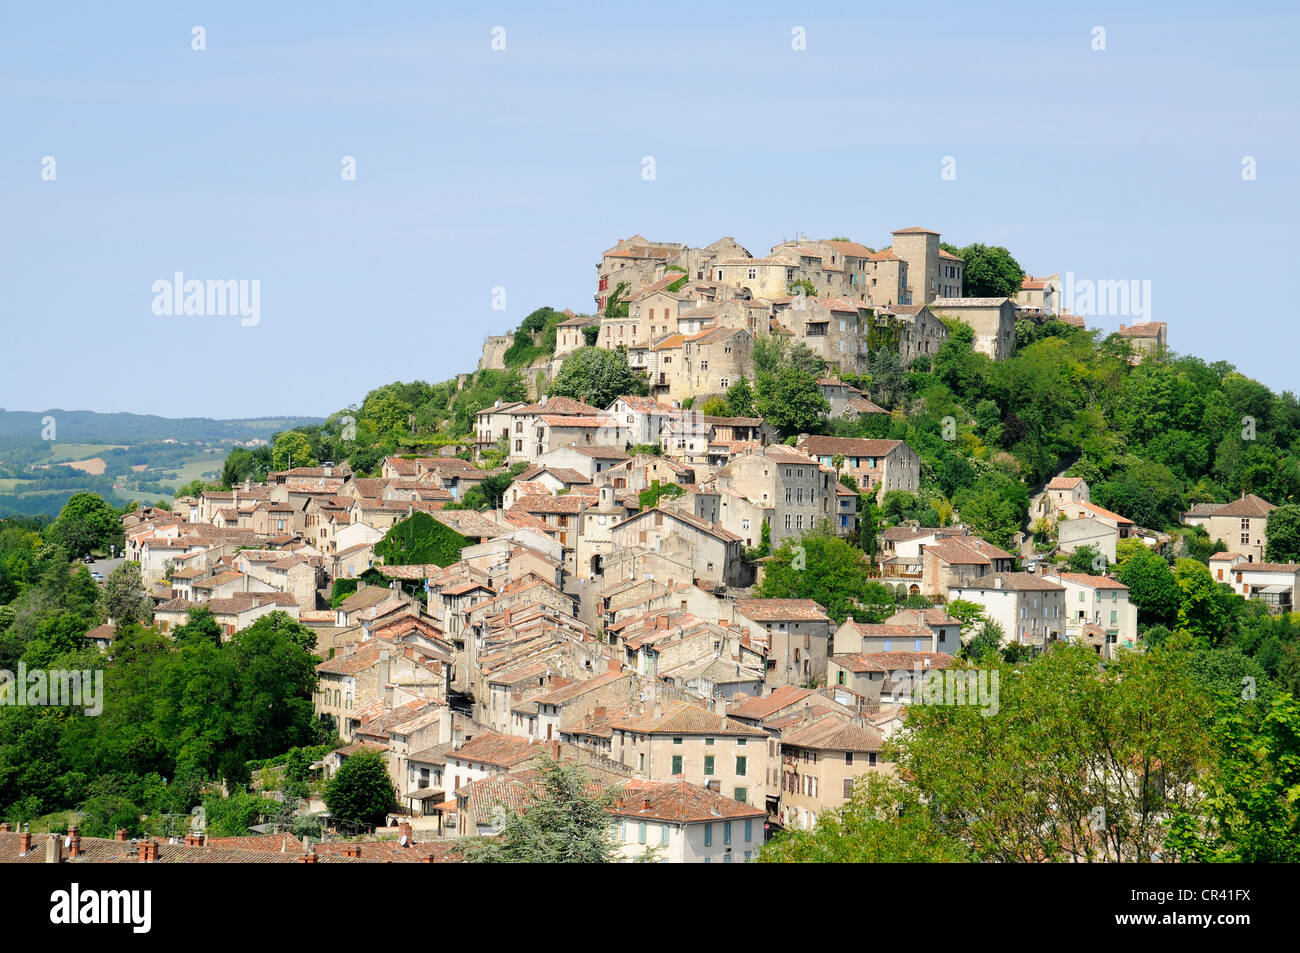 Stadtbild, Berggipfel, Cordes Sur Ciel Gemeinschaft, Albi, Departement Tarn, Midi-Pyrénées, Frankreich, Stockbild